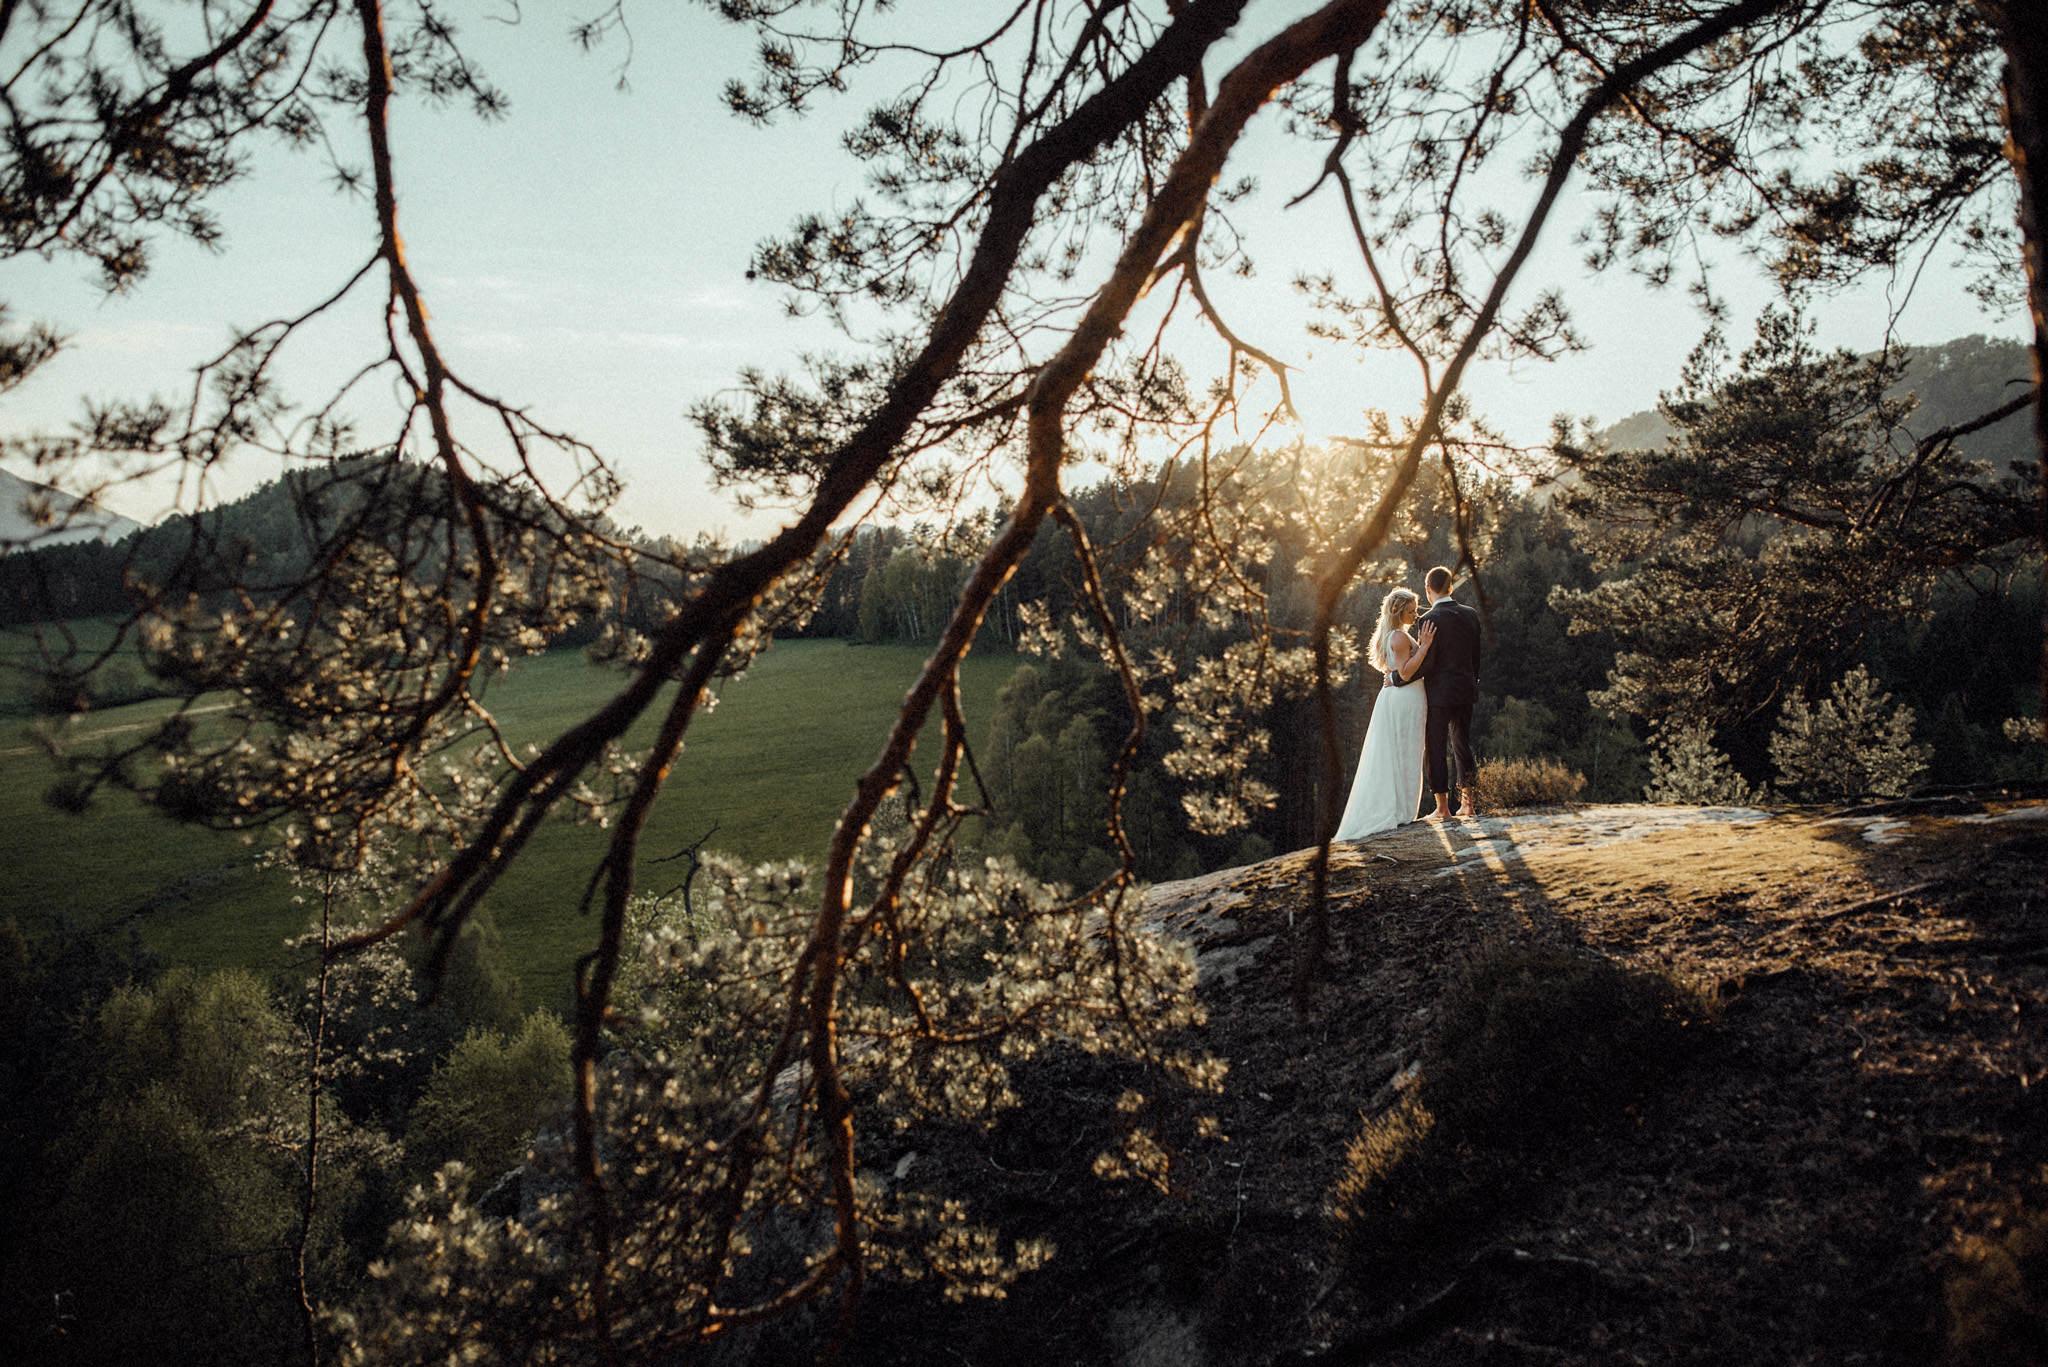 Hochzeitsfotograf-Aachen-Kevin-Biberbach-Sächsische-Böhmische-Schweiz-After-Wedding-Shooting-Paarshooting-Natur-NRW-Sonnenuntergang-Fotografie-Beste.jpg